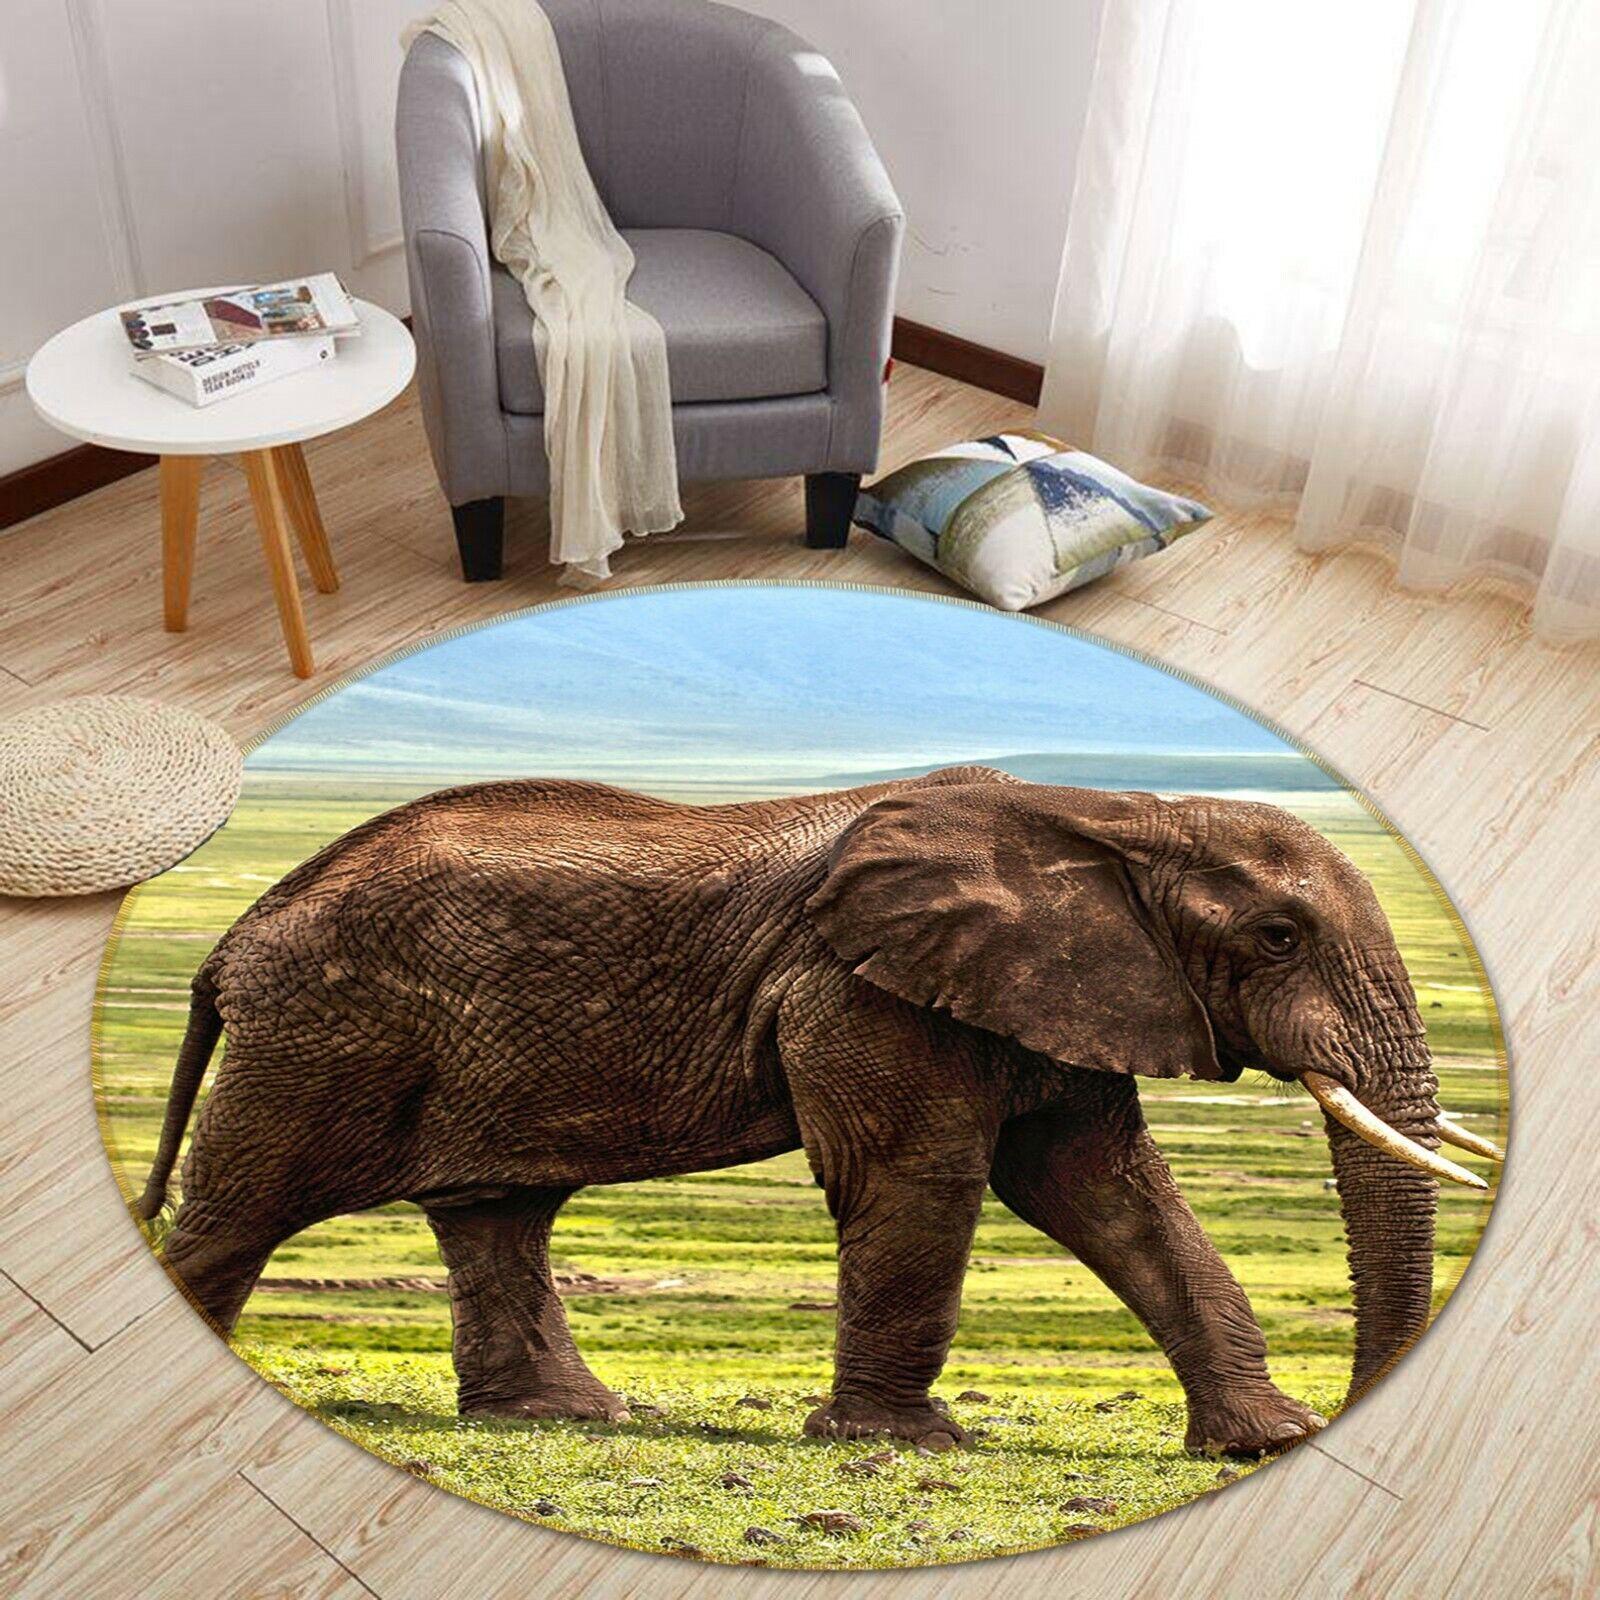 3D ELEFANTE DELLA PRATERIA C34 Animale tappetino antiscivolo tappeto rossoondo elegante Tappeto Wendy